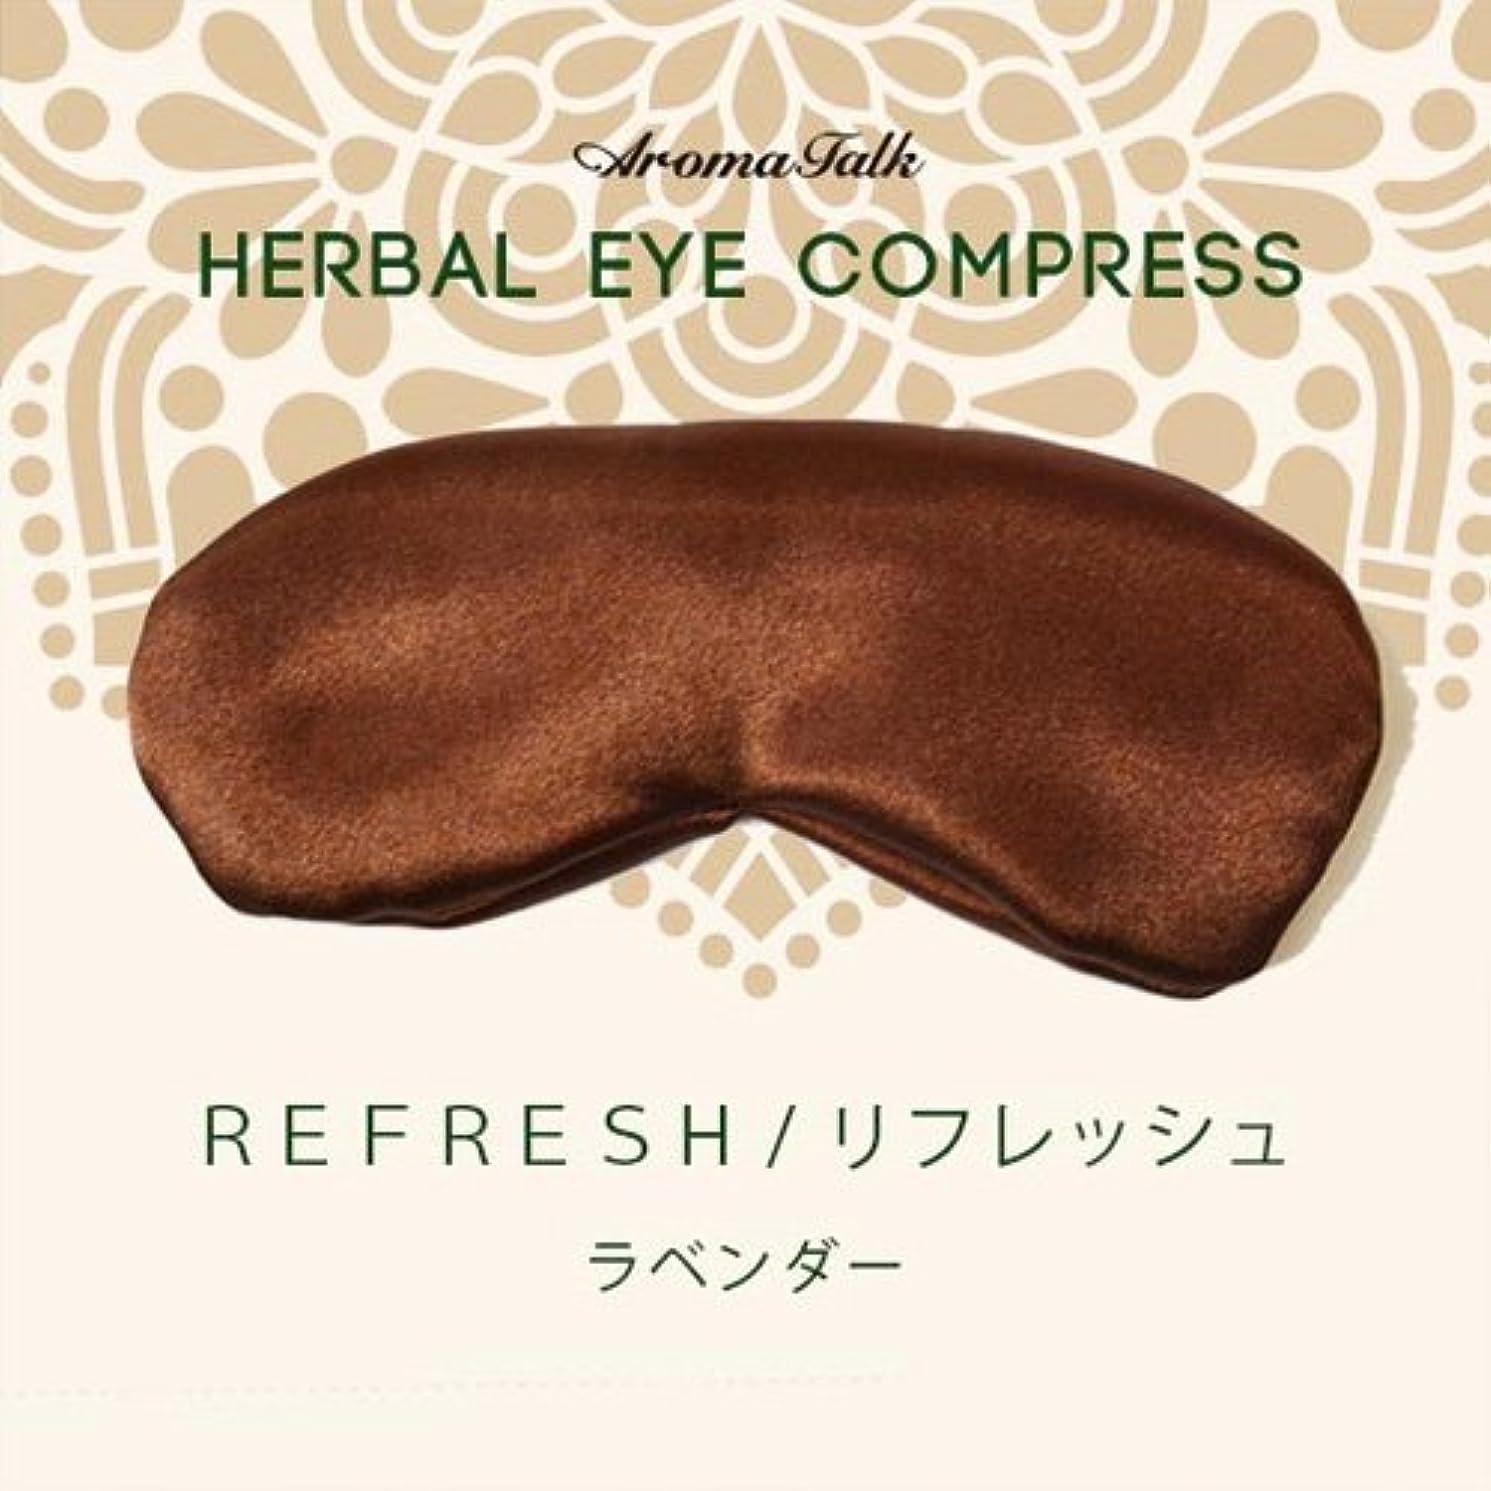 うなり声桃乱気流ハーバルアイコンプレス「リフレッシュ」茶/ラベンダーの爽やかなリラックスできる香り